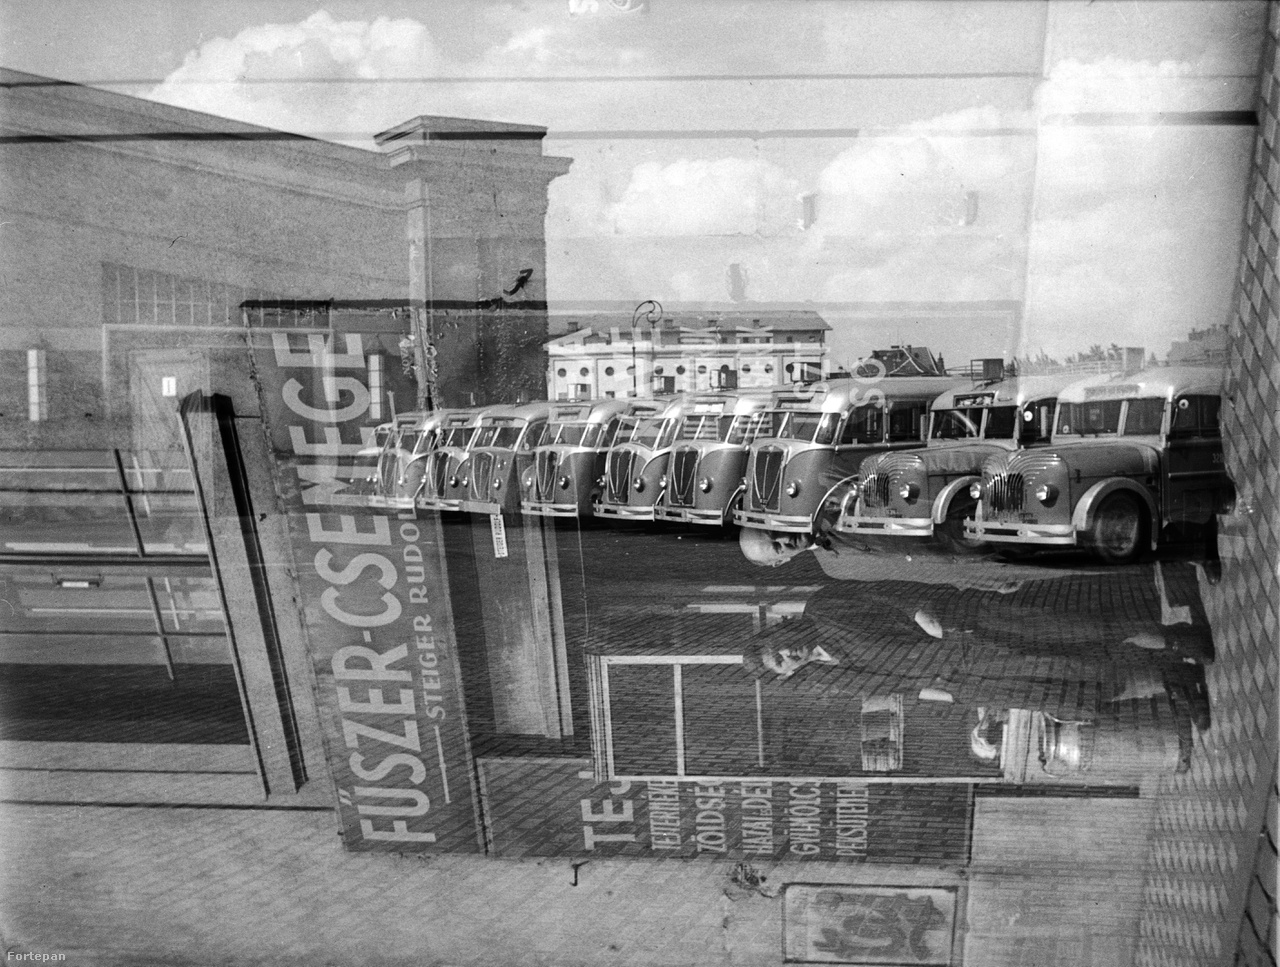 Glázer Attila nagyszerűen sikerült kettős expójával Zuglóba repülünk 1941-be. A Szent Domonkos (később Récsei) autóbuszgarázst fotózta az Istvánmezei út felől nézve, tehát a mai Récsei Center így nézett ki teljes pompájában. A háttérben a Millenáris sporttelep lelátója látható. Az elforgatott képen pedig Steiger Rudolf szatócsüzlete látszik a Stefánia úton. Ennél többet egy képen nem is lehet elmondani Zuglóról.